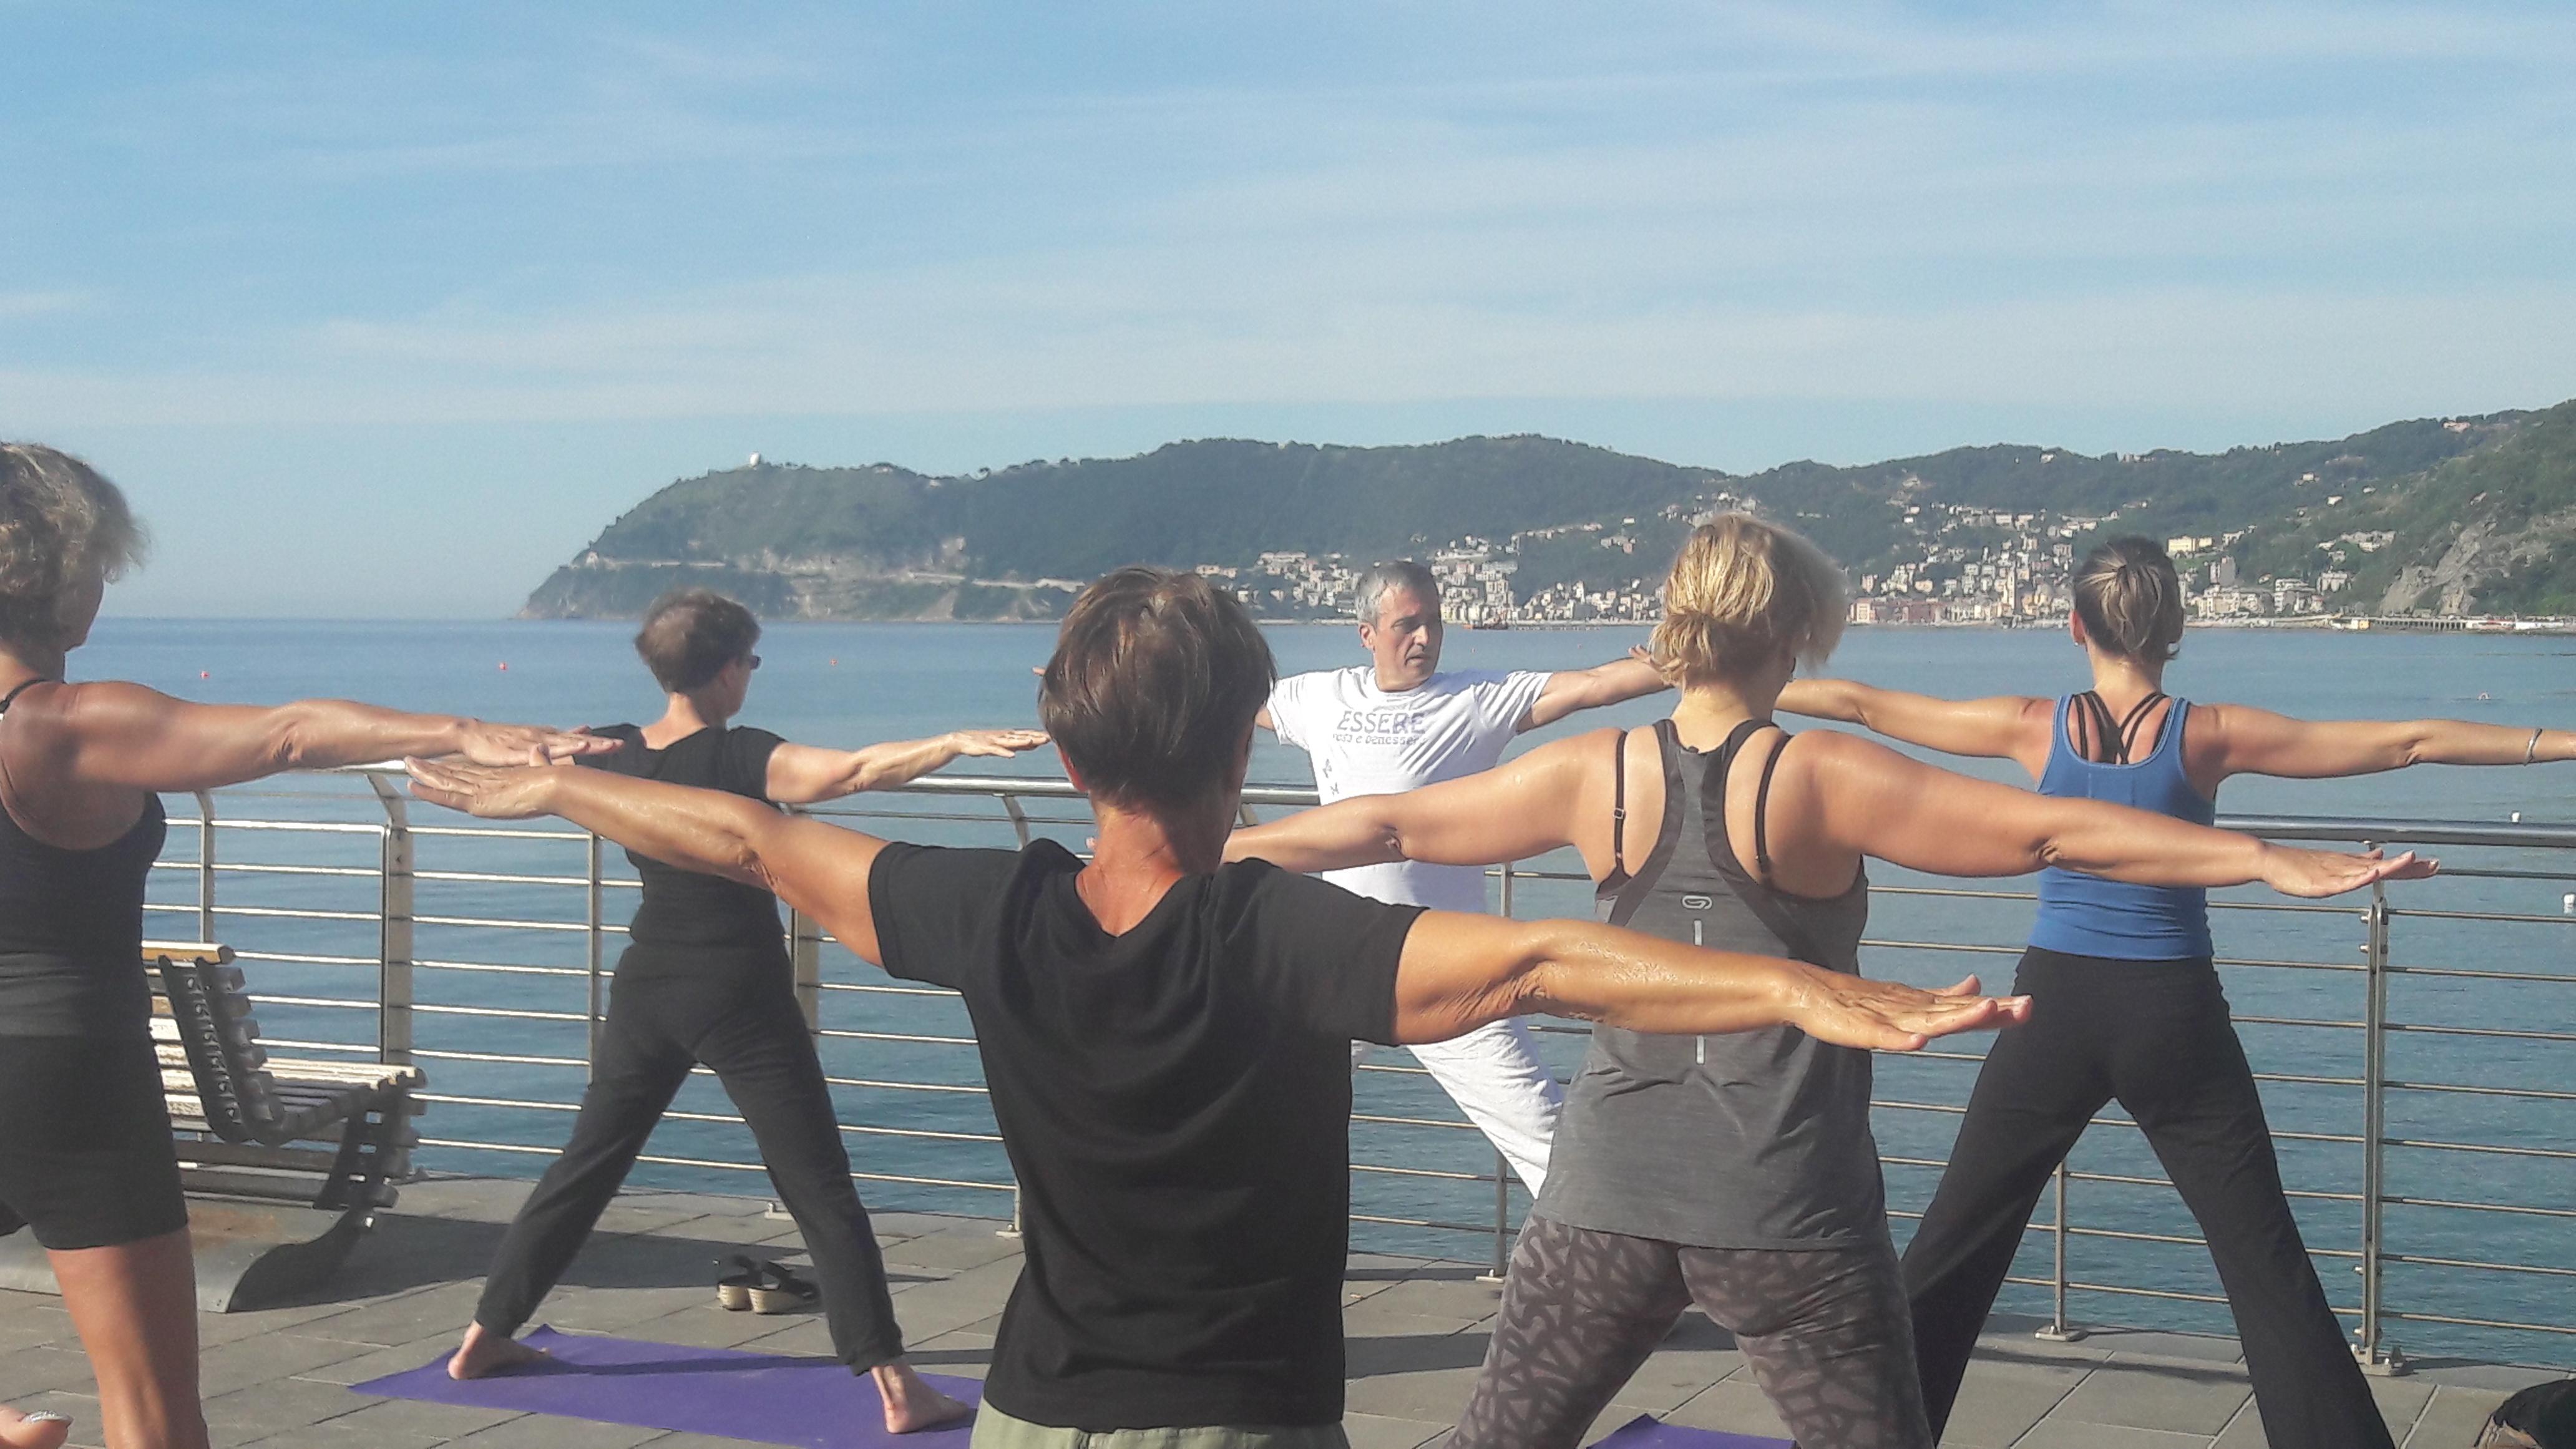 1_essere-free-yoga-gratuito-benessere-per-tutti-village-citta-alassio-estate-lucia-ragazzi-summer-town-wellness-003